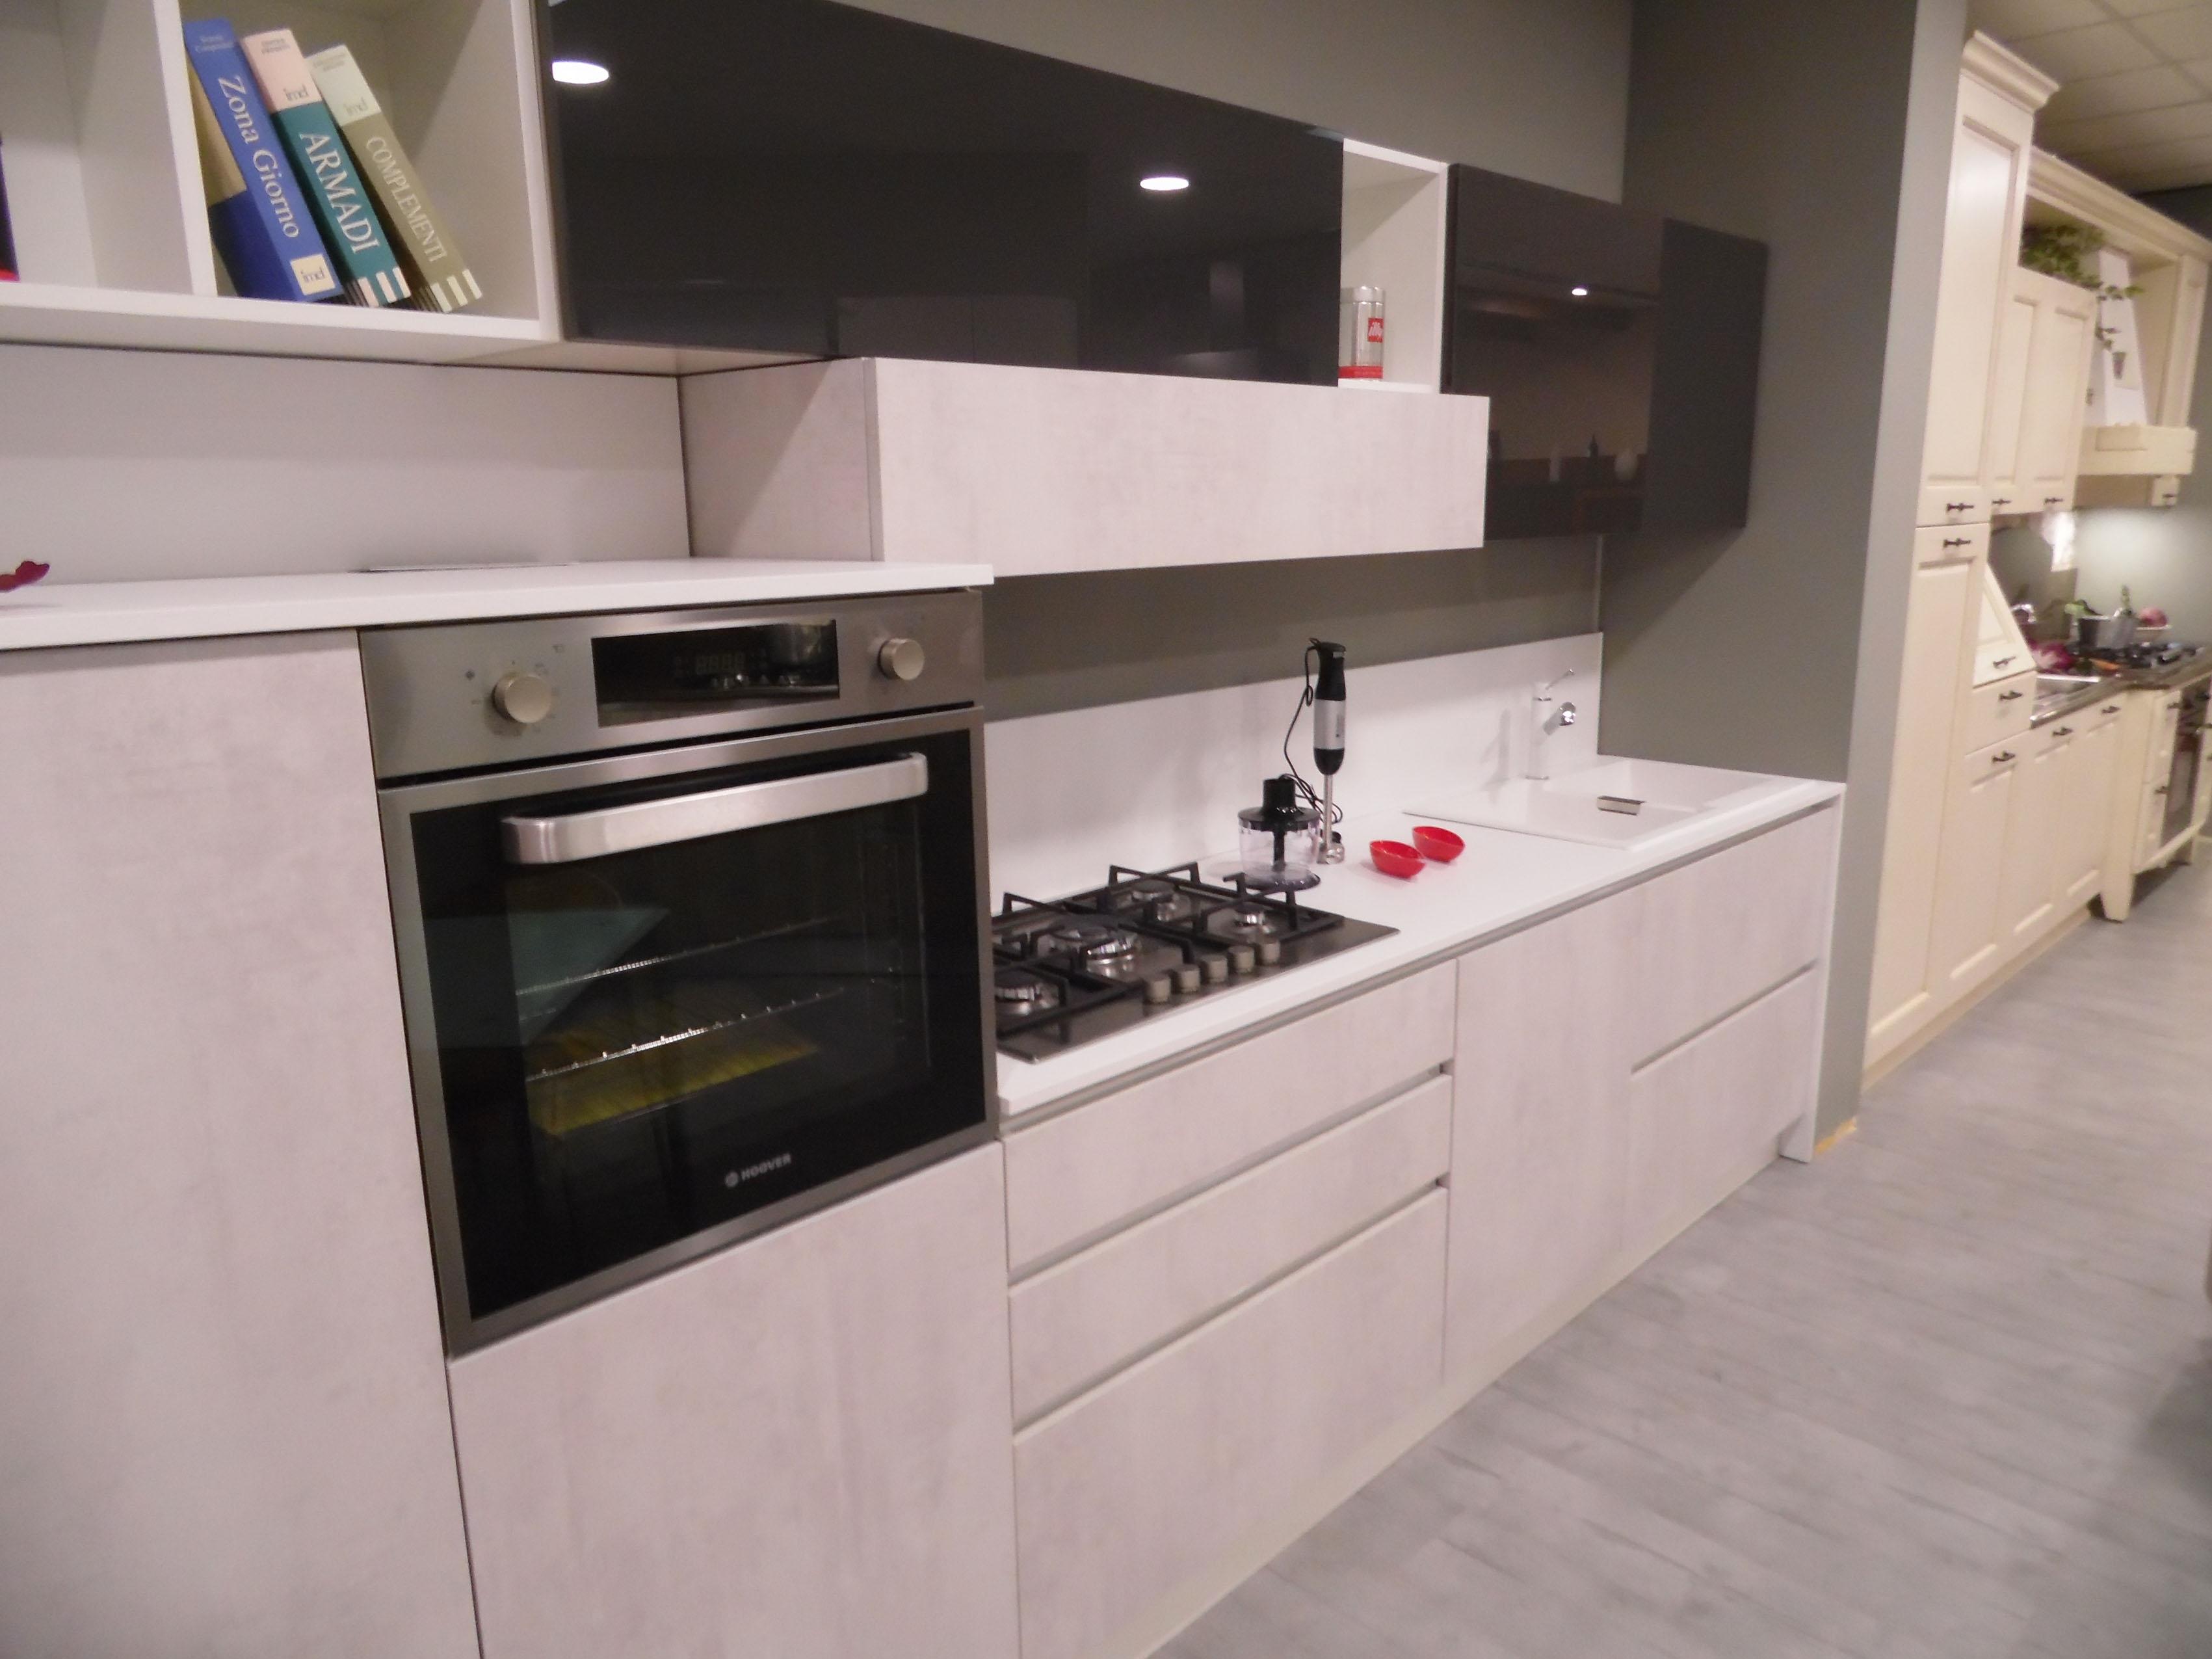 Astra Cucine Cucina Sp 22 tecnomalta - laminato effetto cemento scontato del ...